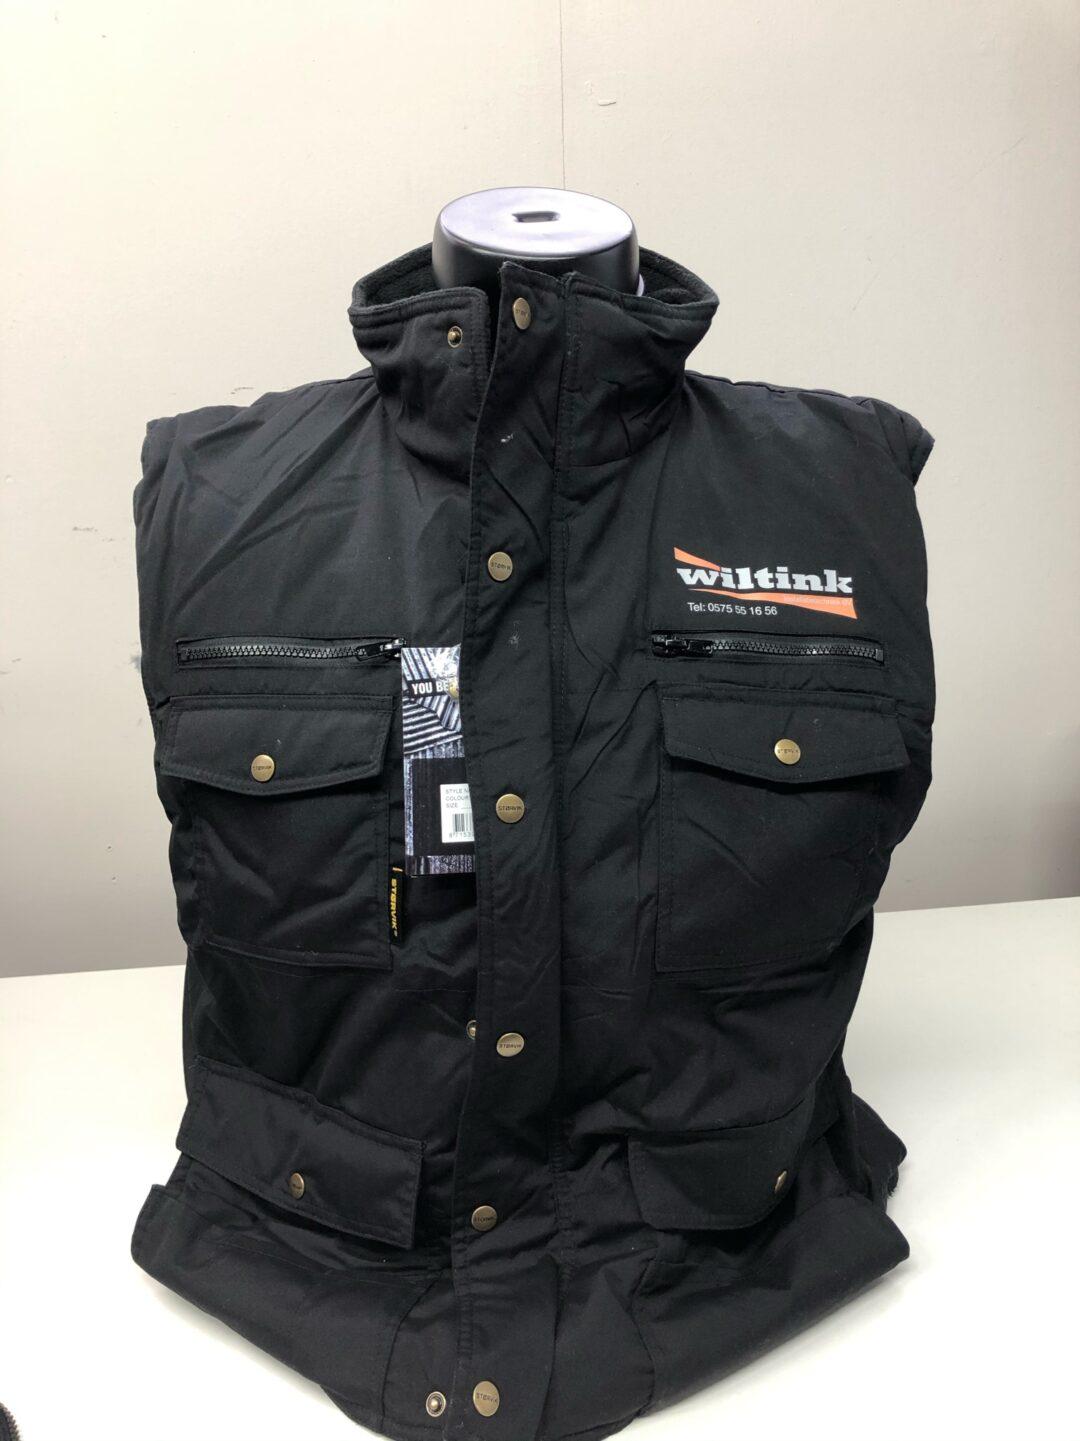 Signaal Bedrijfskleding // Wiltink // Bodywarmers voorzien van een borstlogo